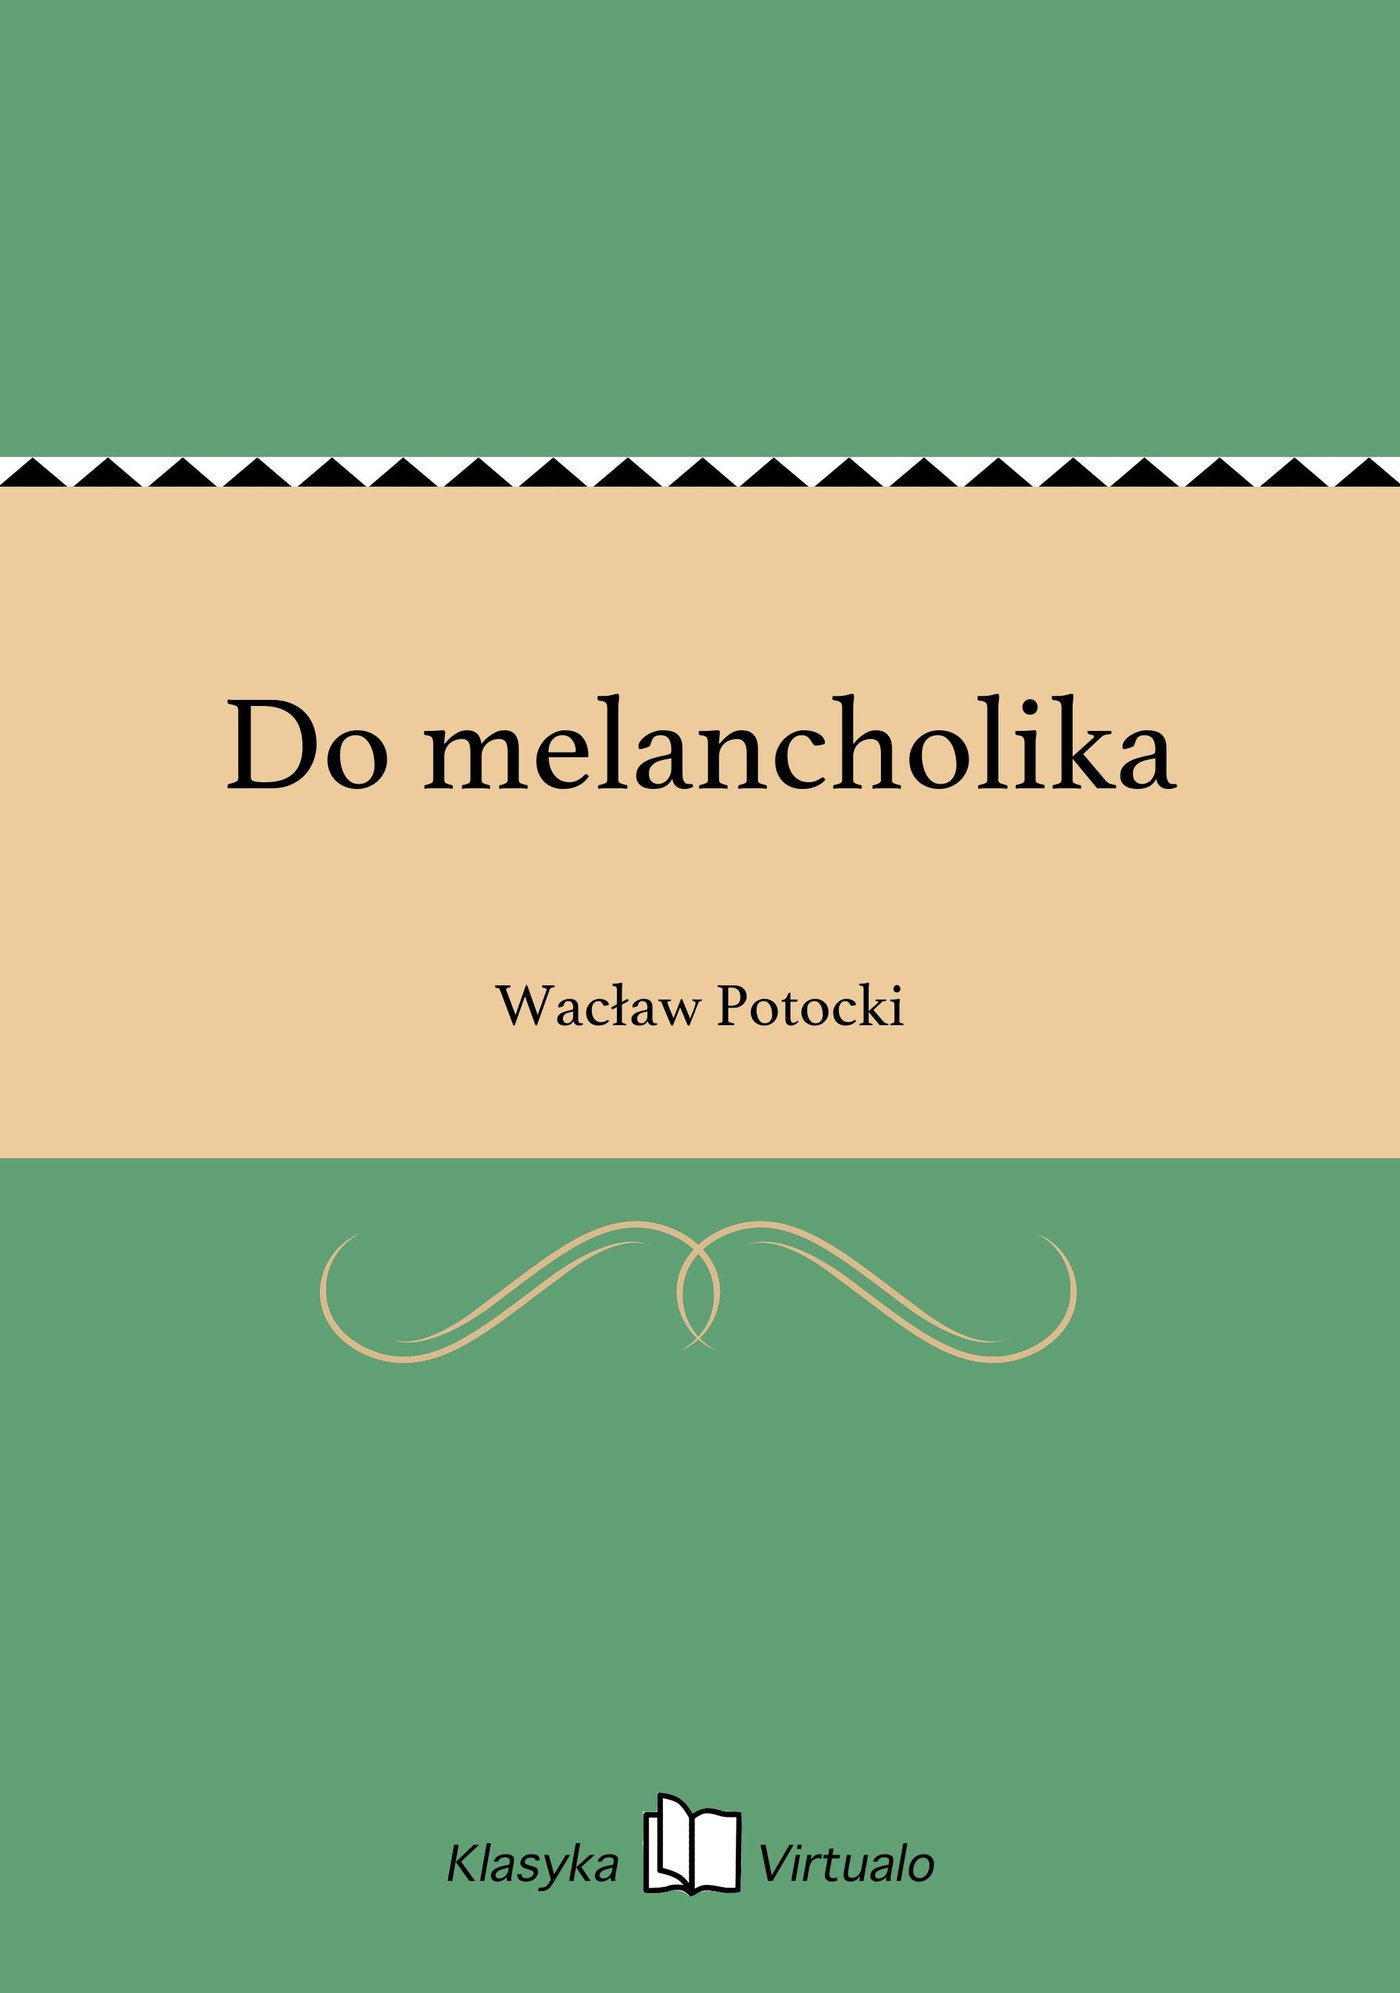 Do melancholika - Ebook (Książka EPUB) do pobrania w formacie EPUB